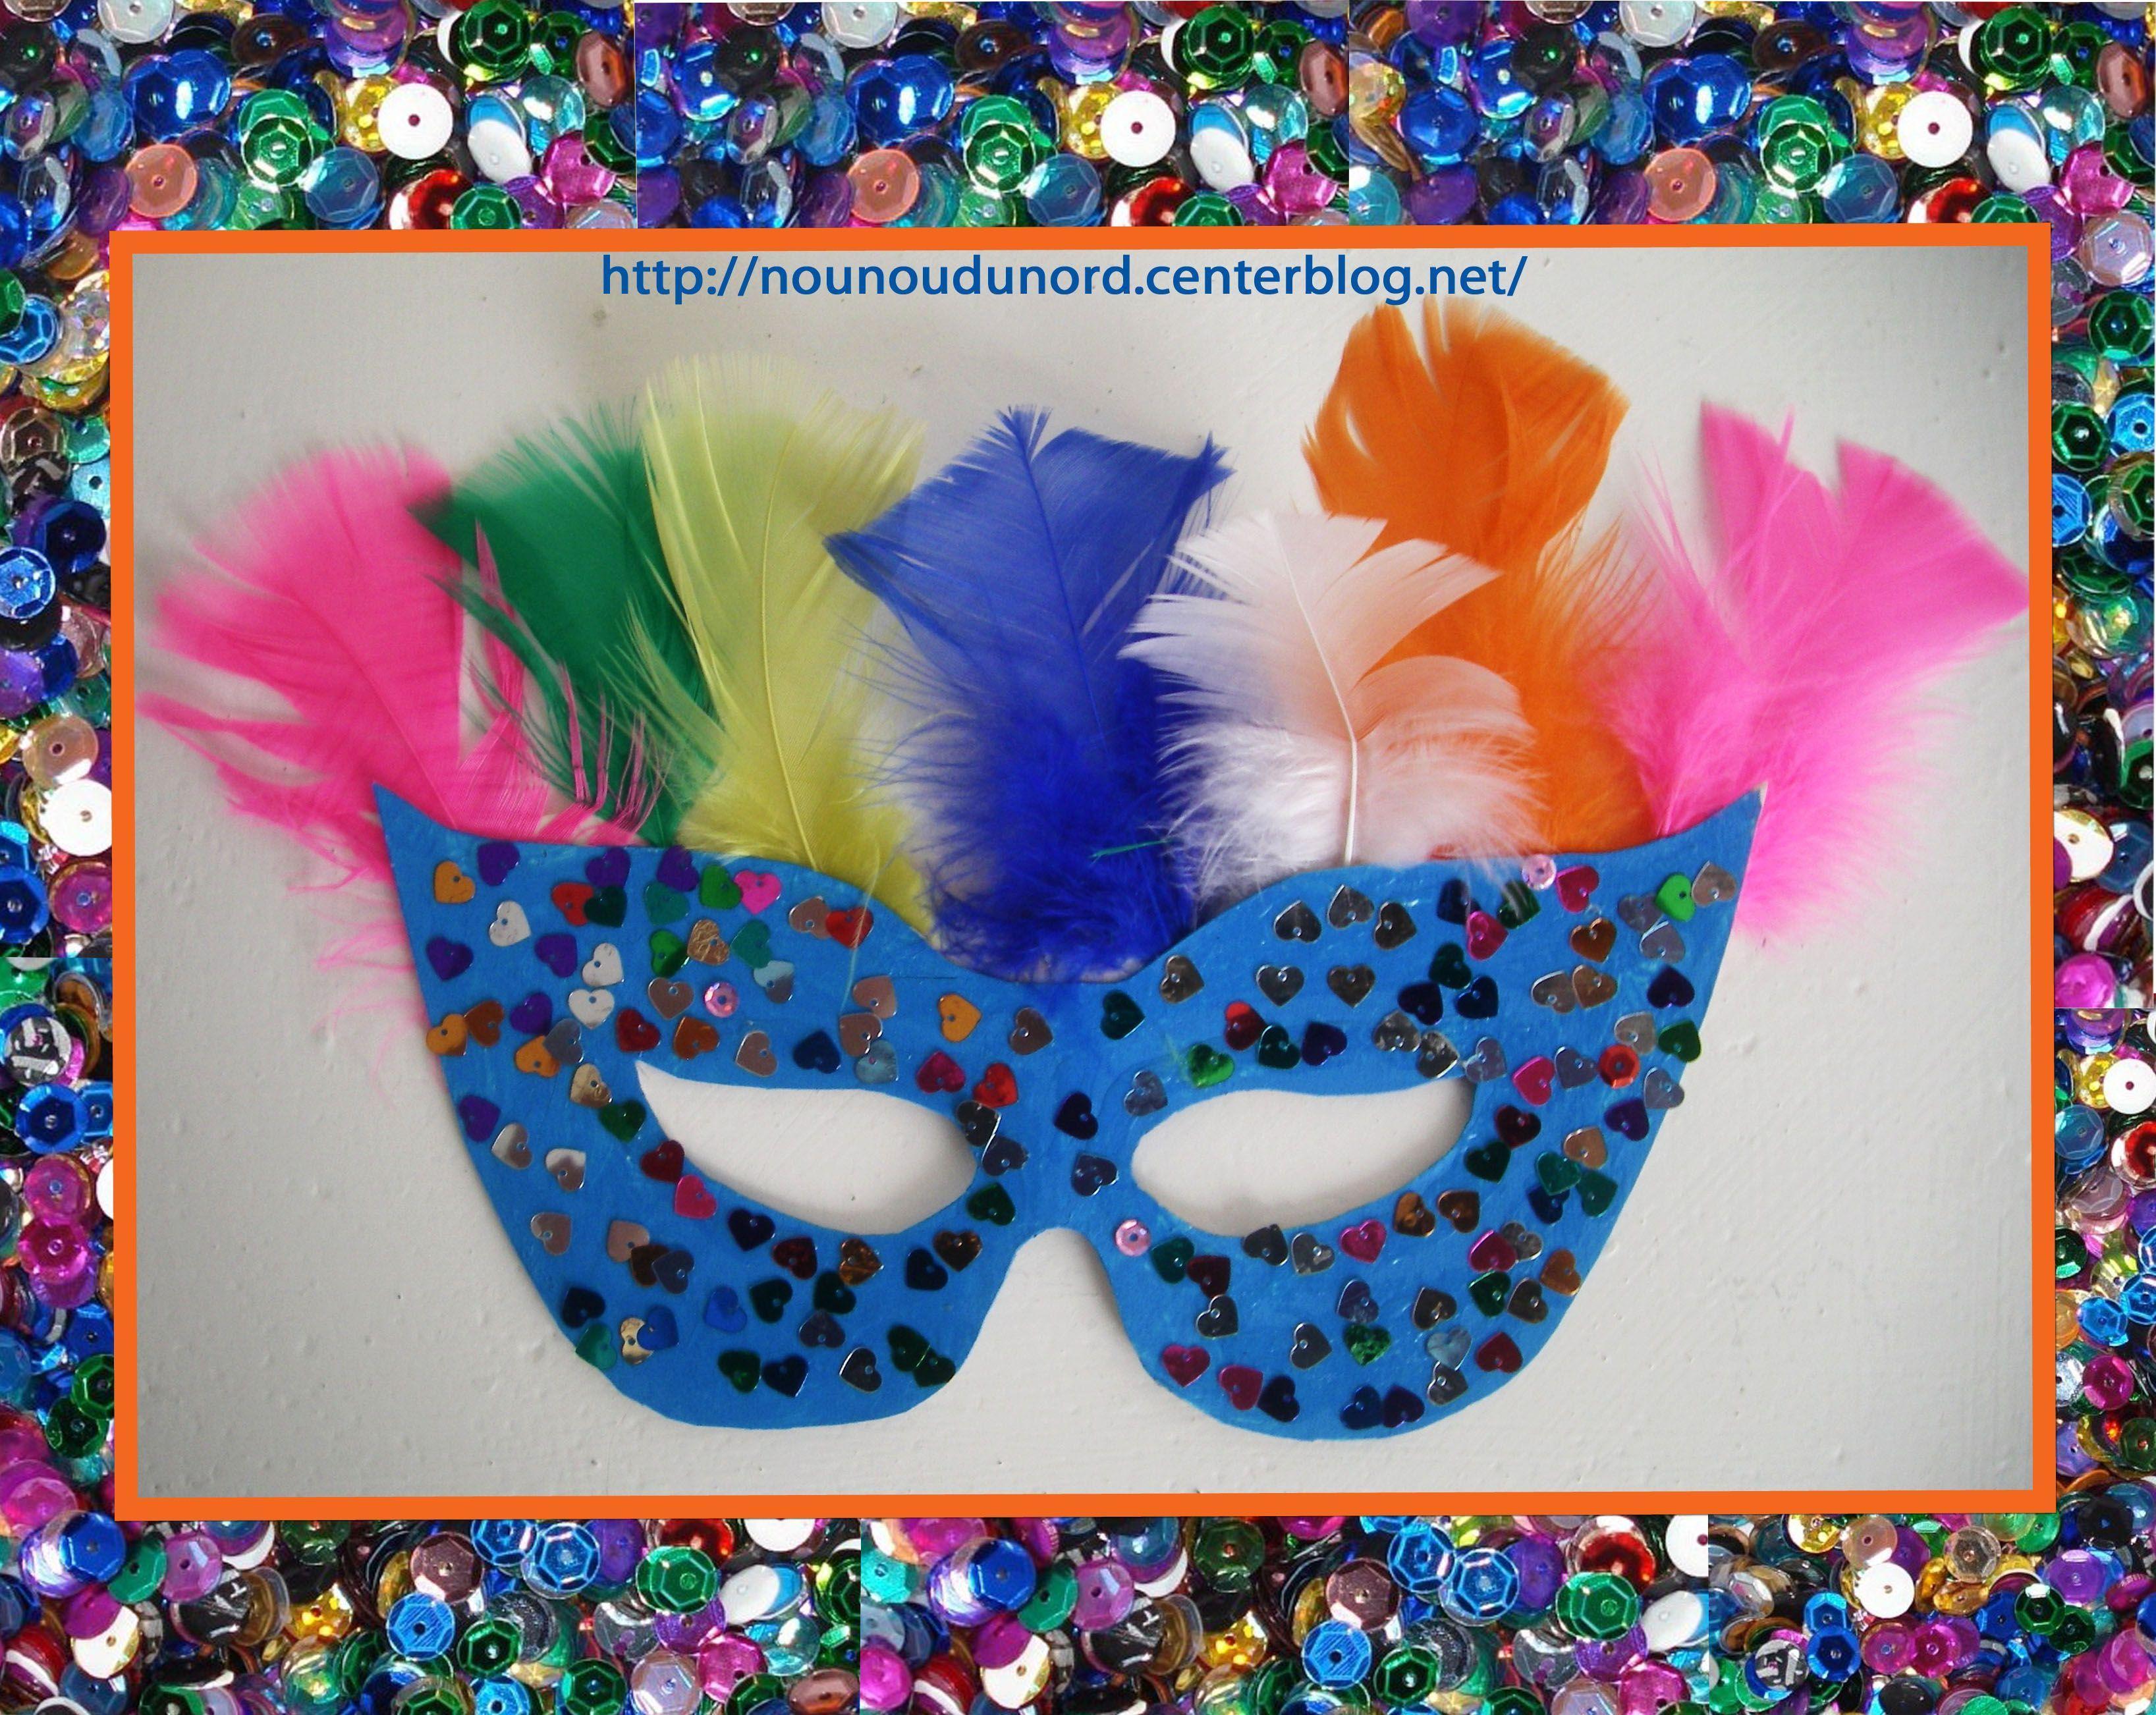 Masque loup bleu paillettes et plumes f vrier 2013 - Masque loup a imprimer ...